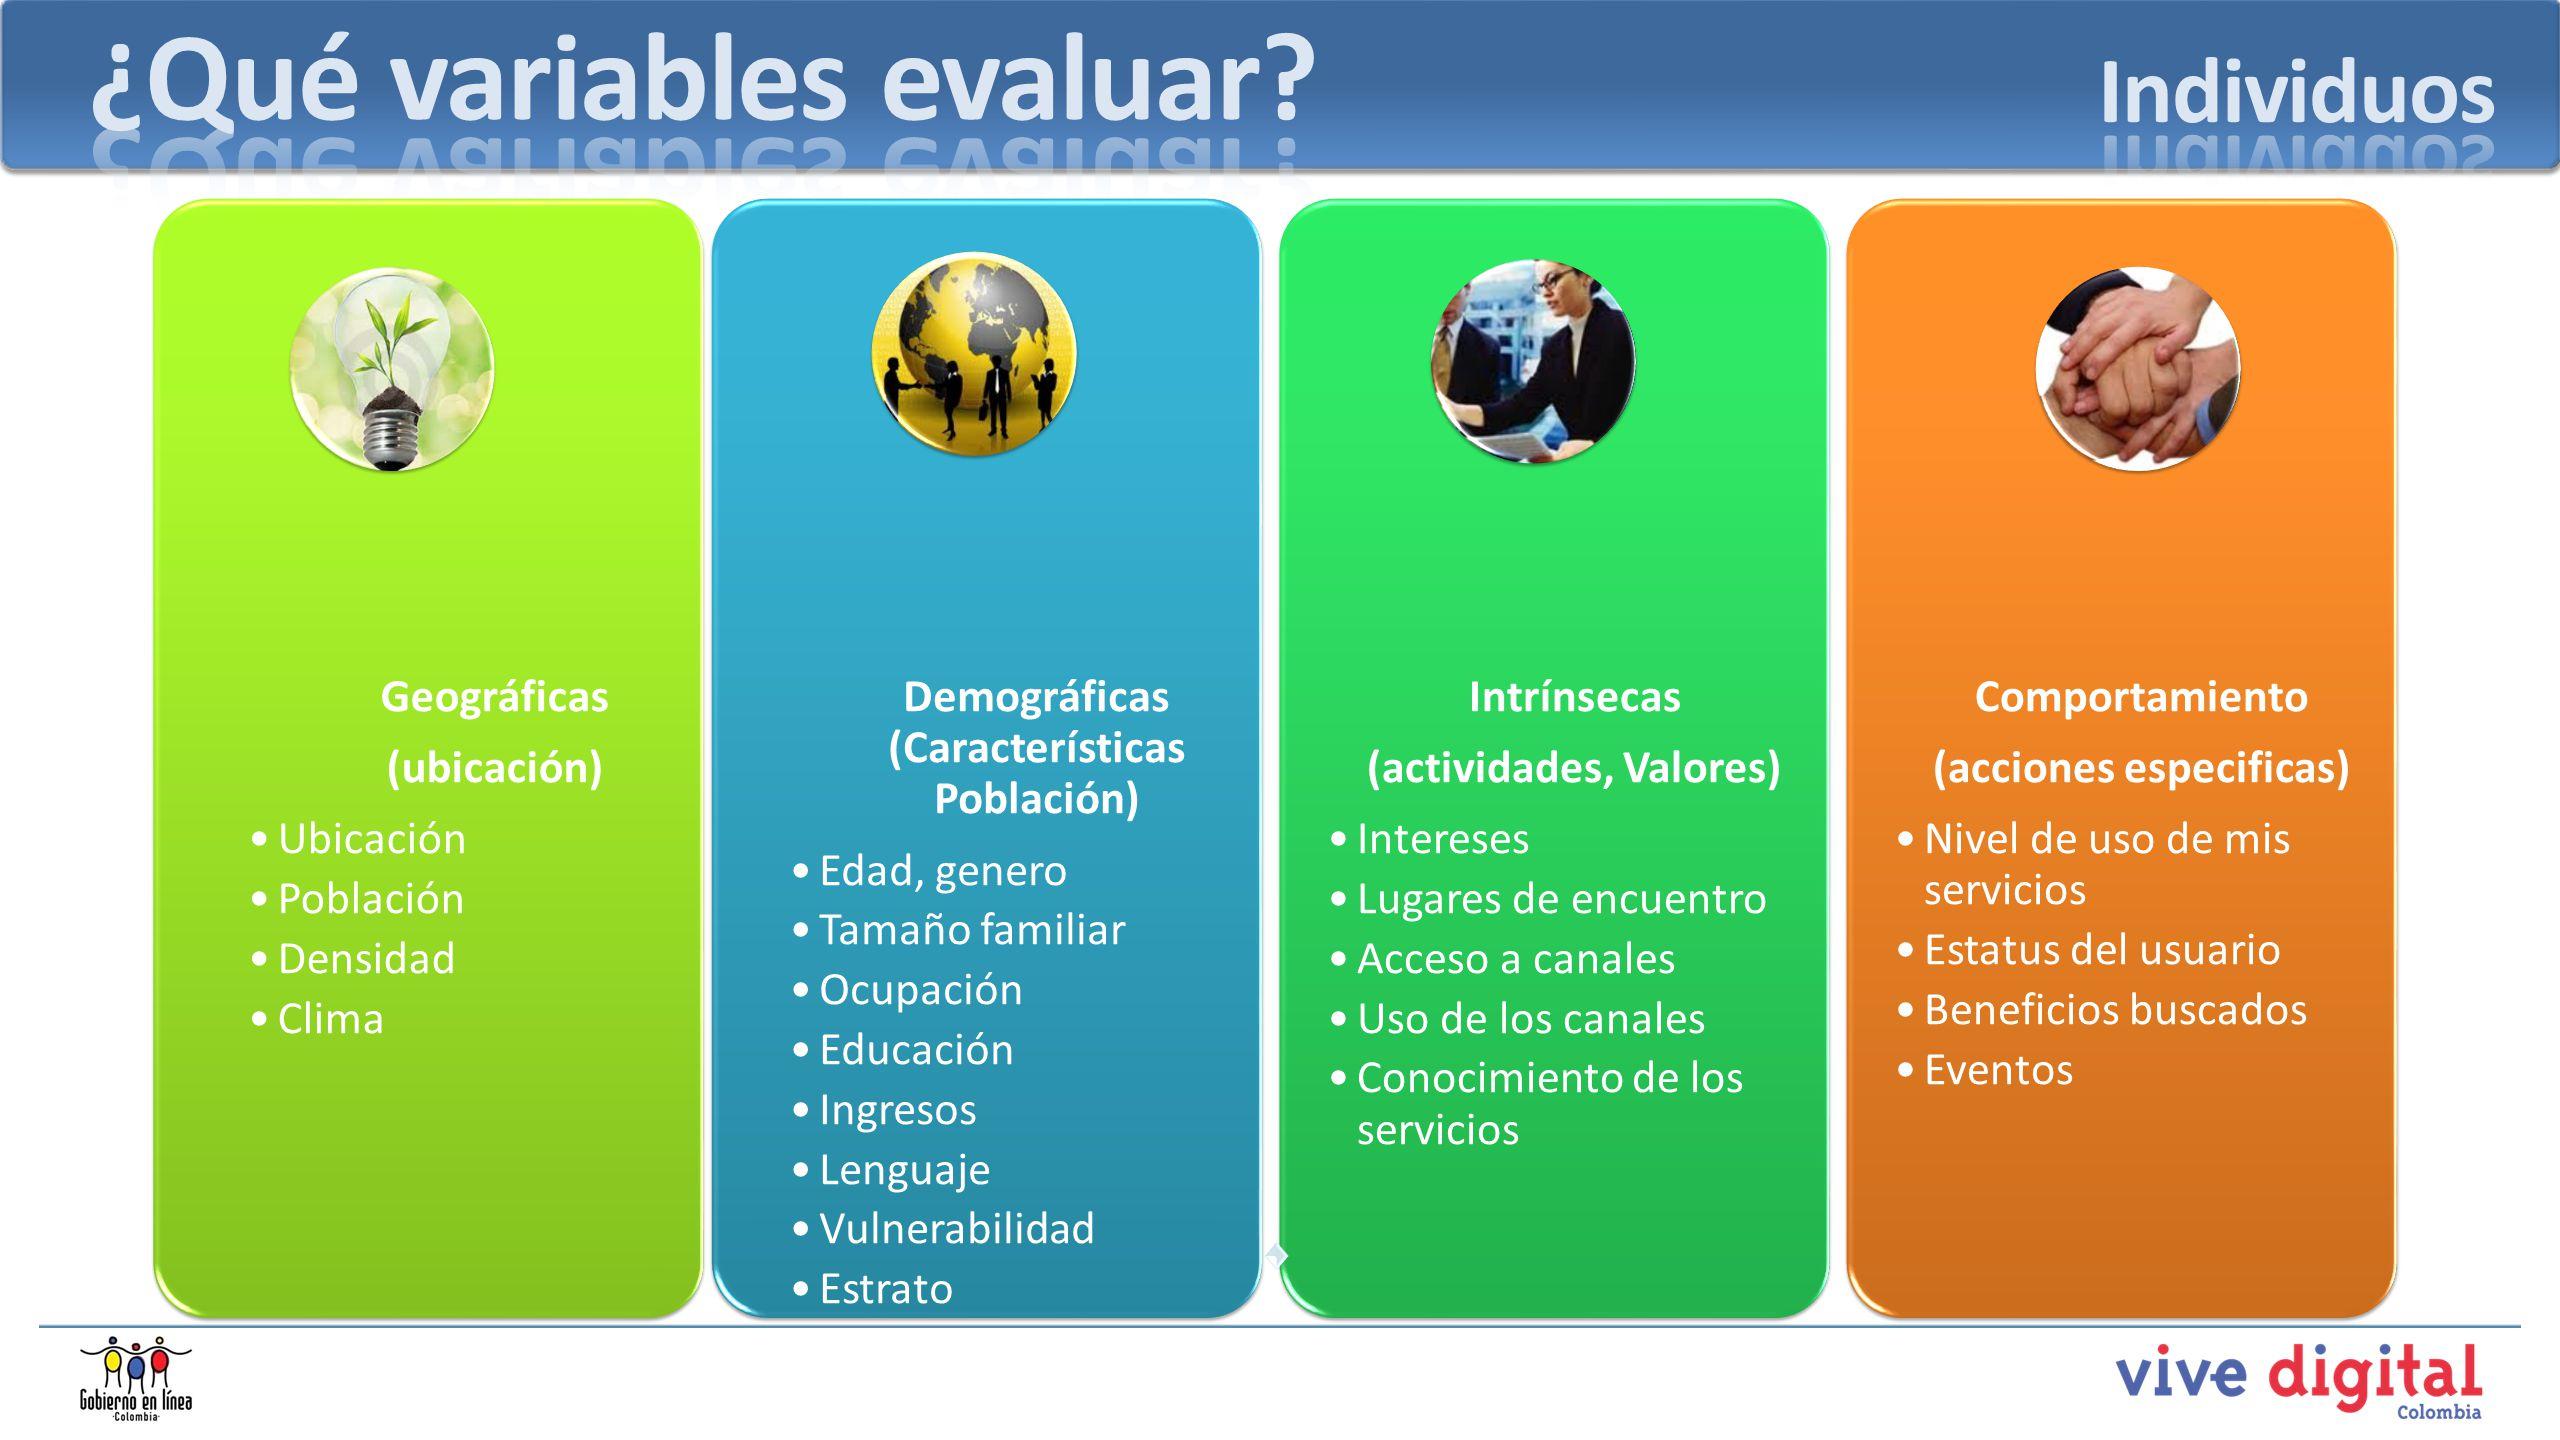 ¿Qué variables evaluar